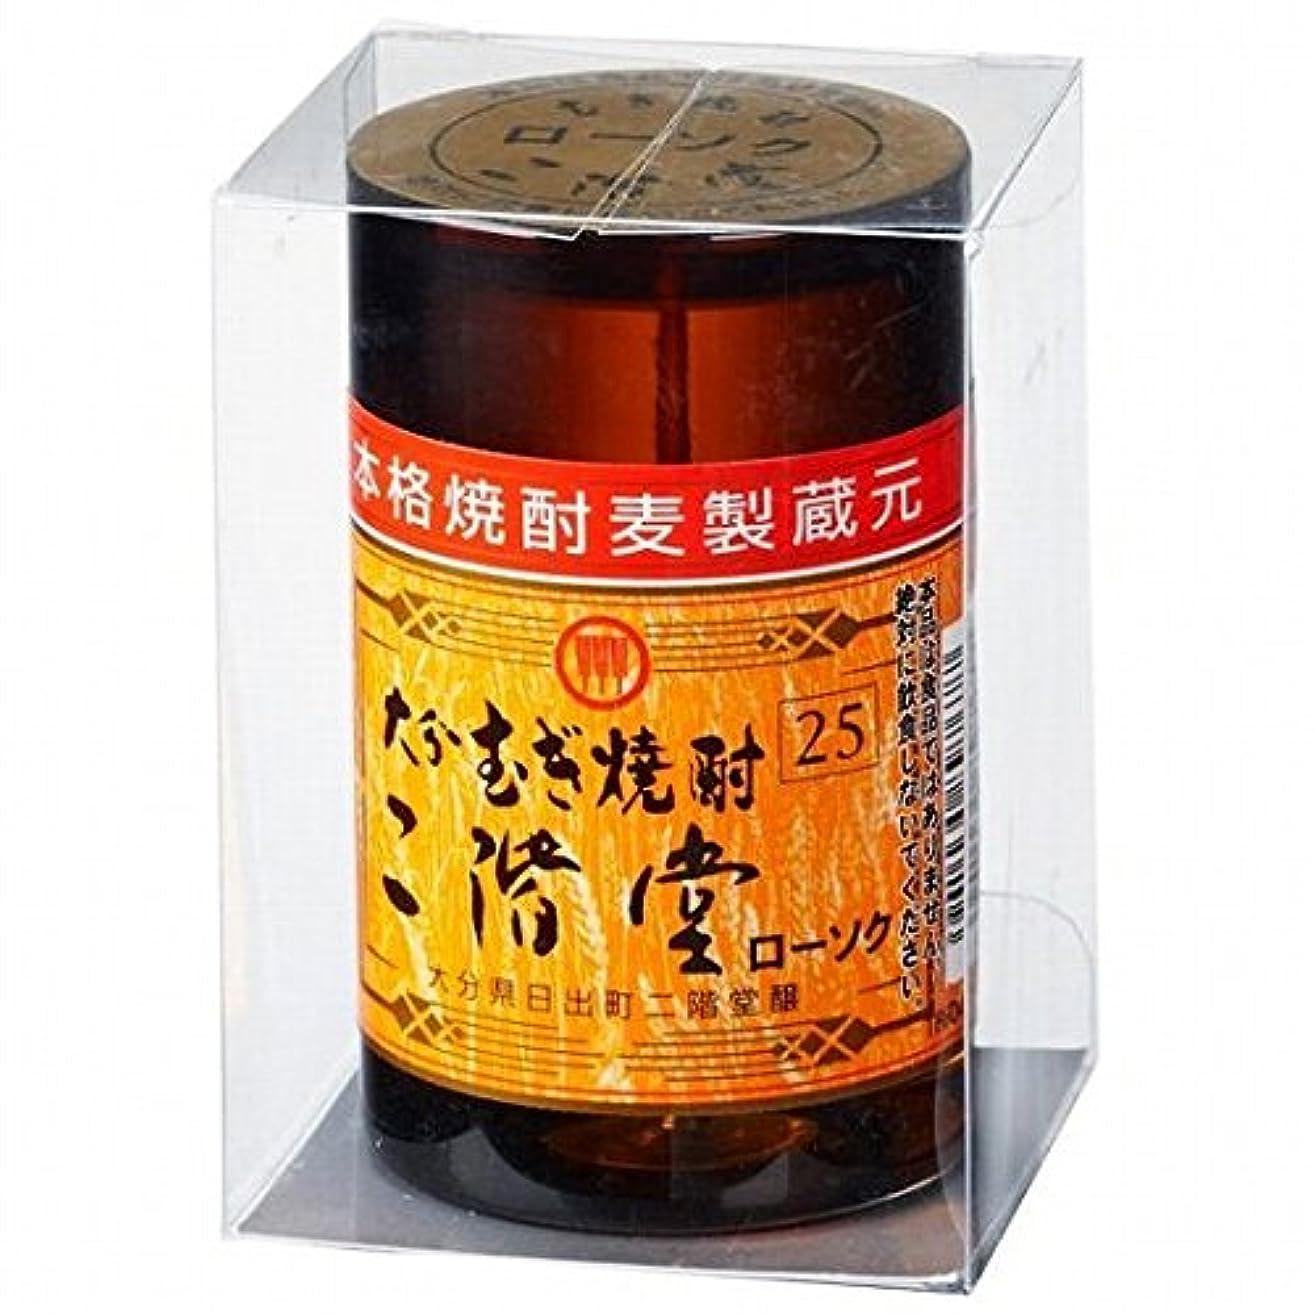 義務付けられたからよろしくkameyama candle(カメヤマキャンドル) 大分むぎ焼酎 二階堂ローソク キャンドル(86040000)